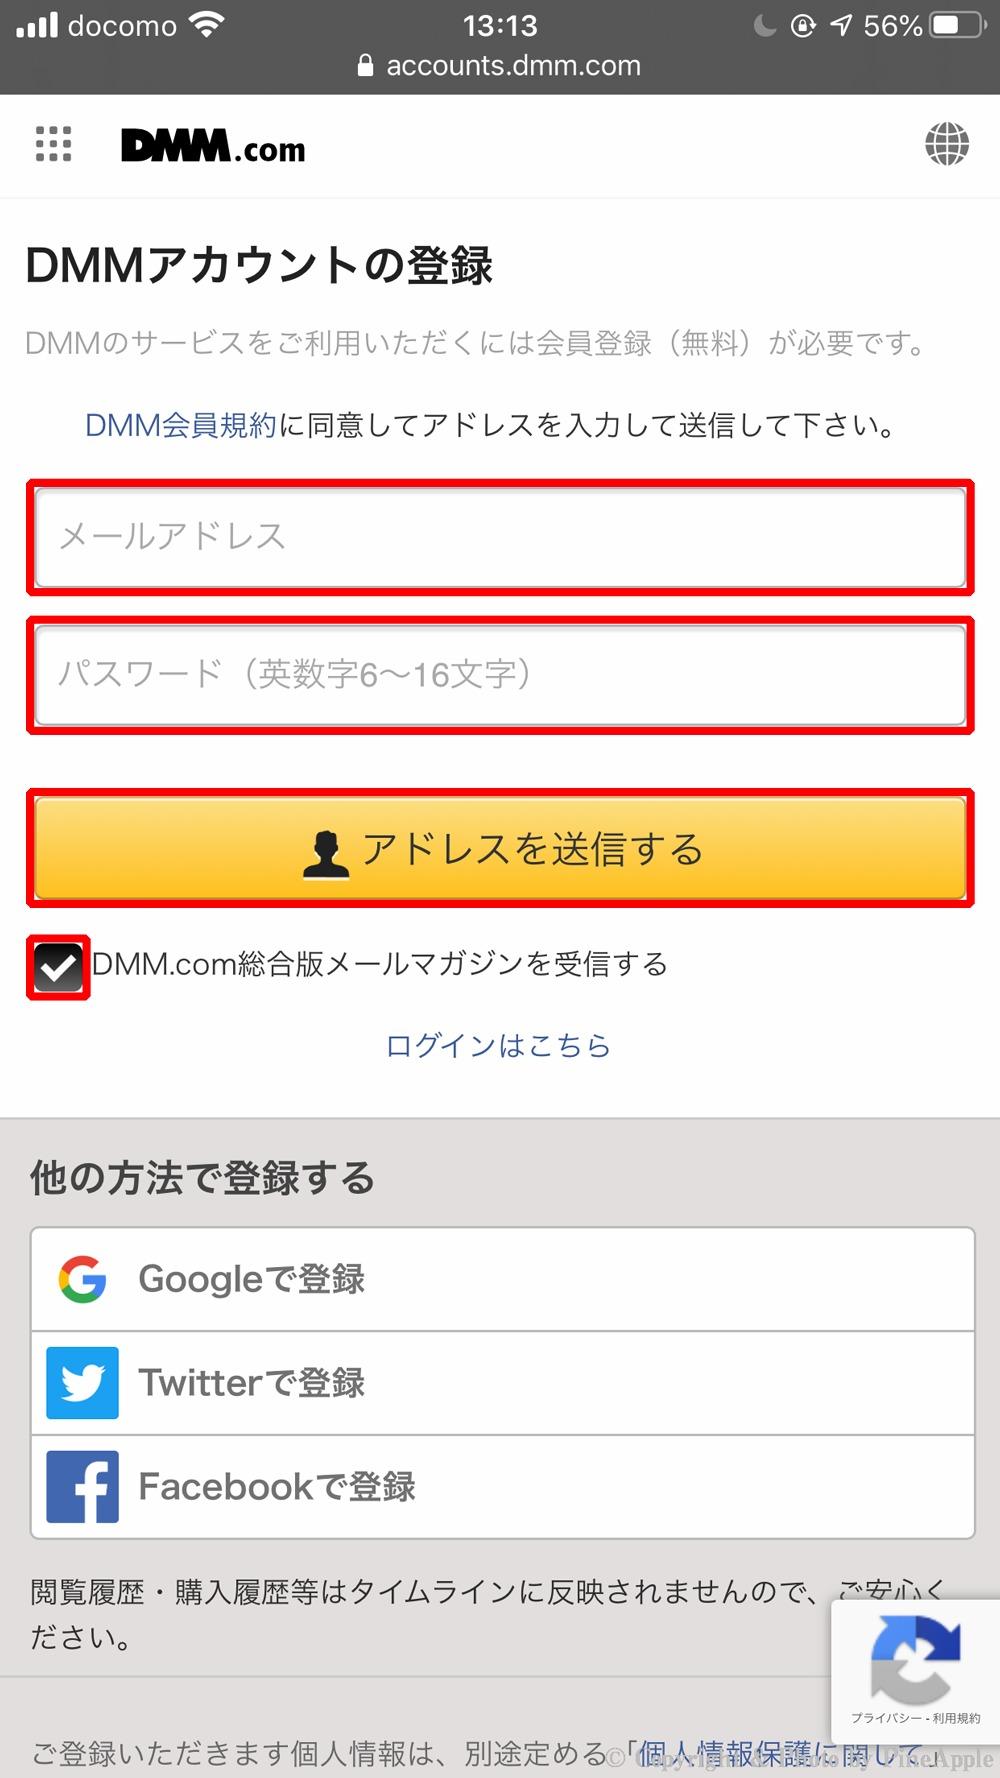 DMM アカウント:「メールアドレス」、「パスワード」を入力し、「アドレスを送信する」をタップ